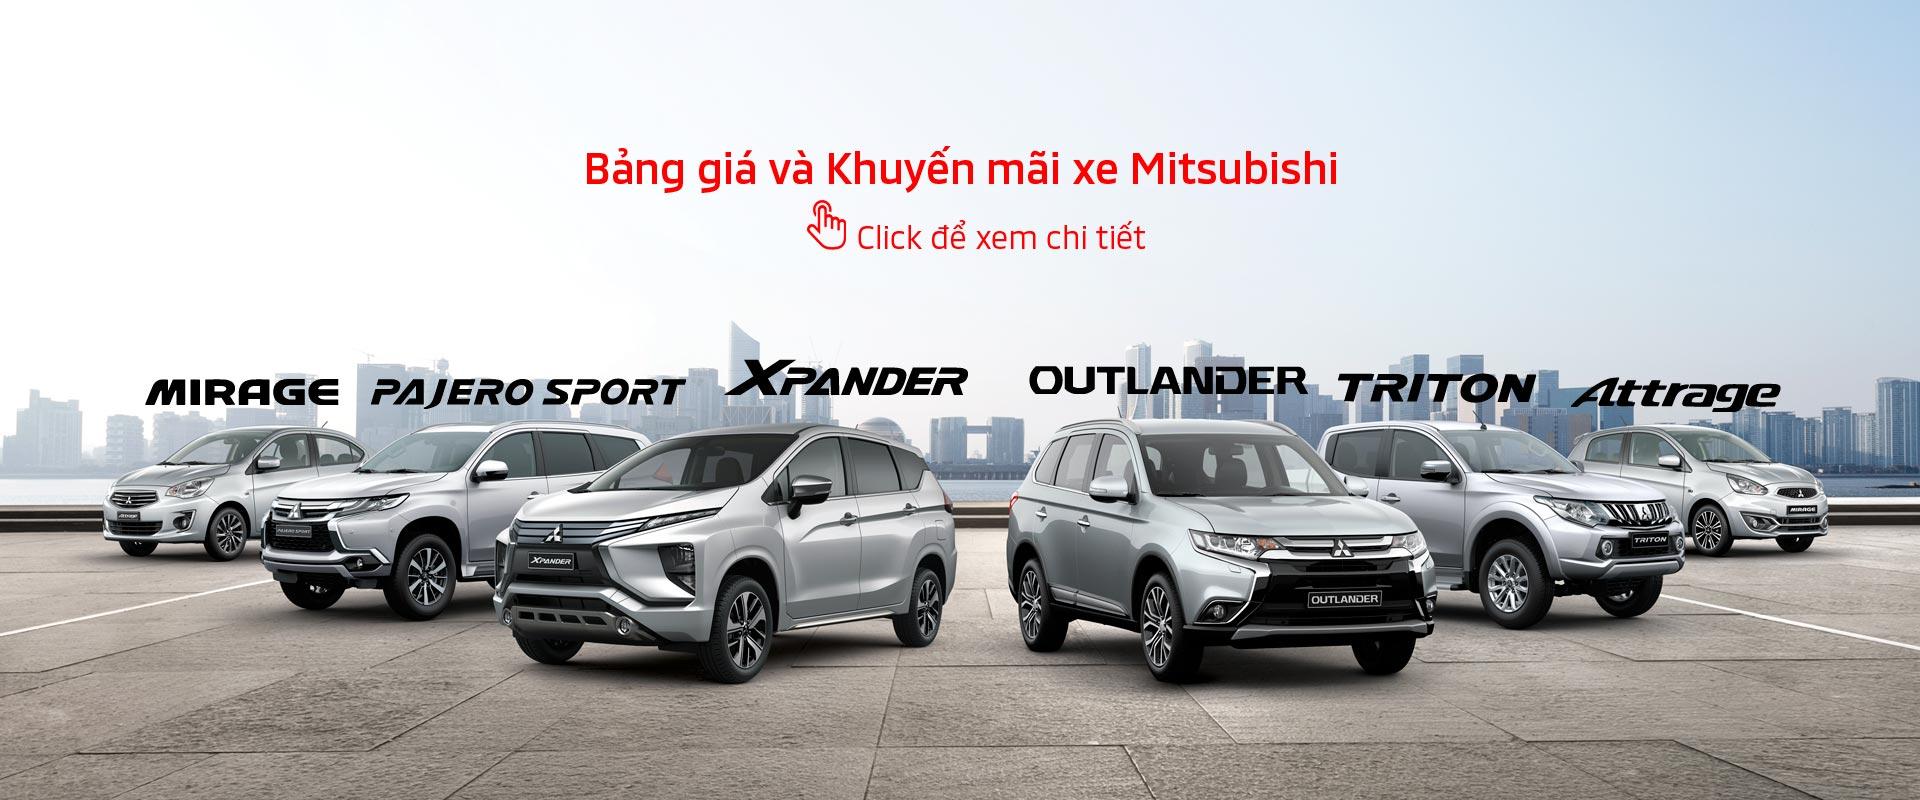 Bảng giá xe Mitsubishi tháng 01/2019